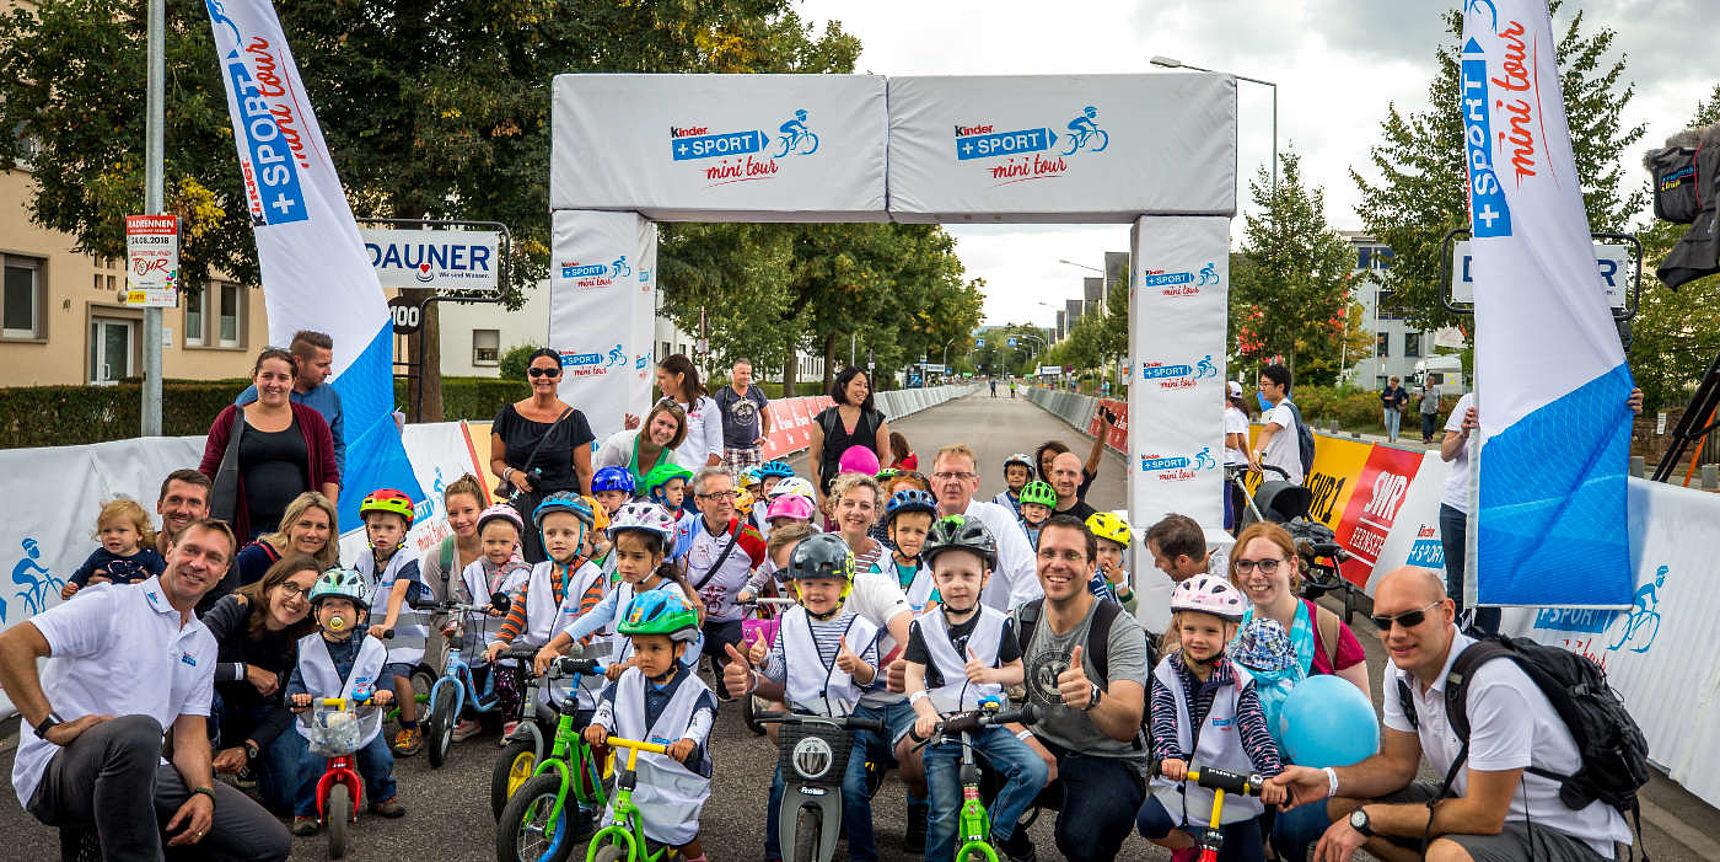 kinder+Sport Laufradrennen